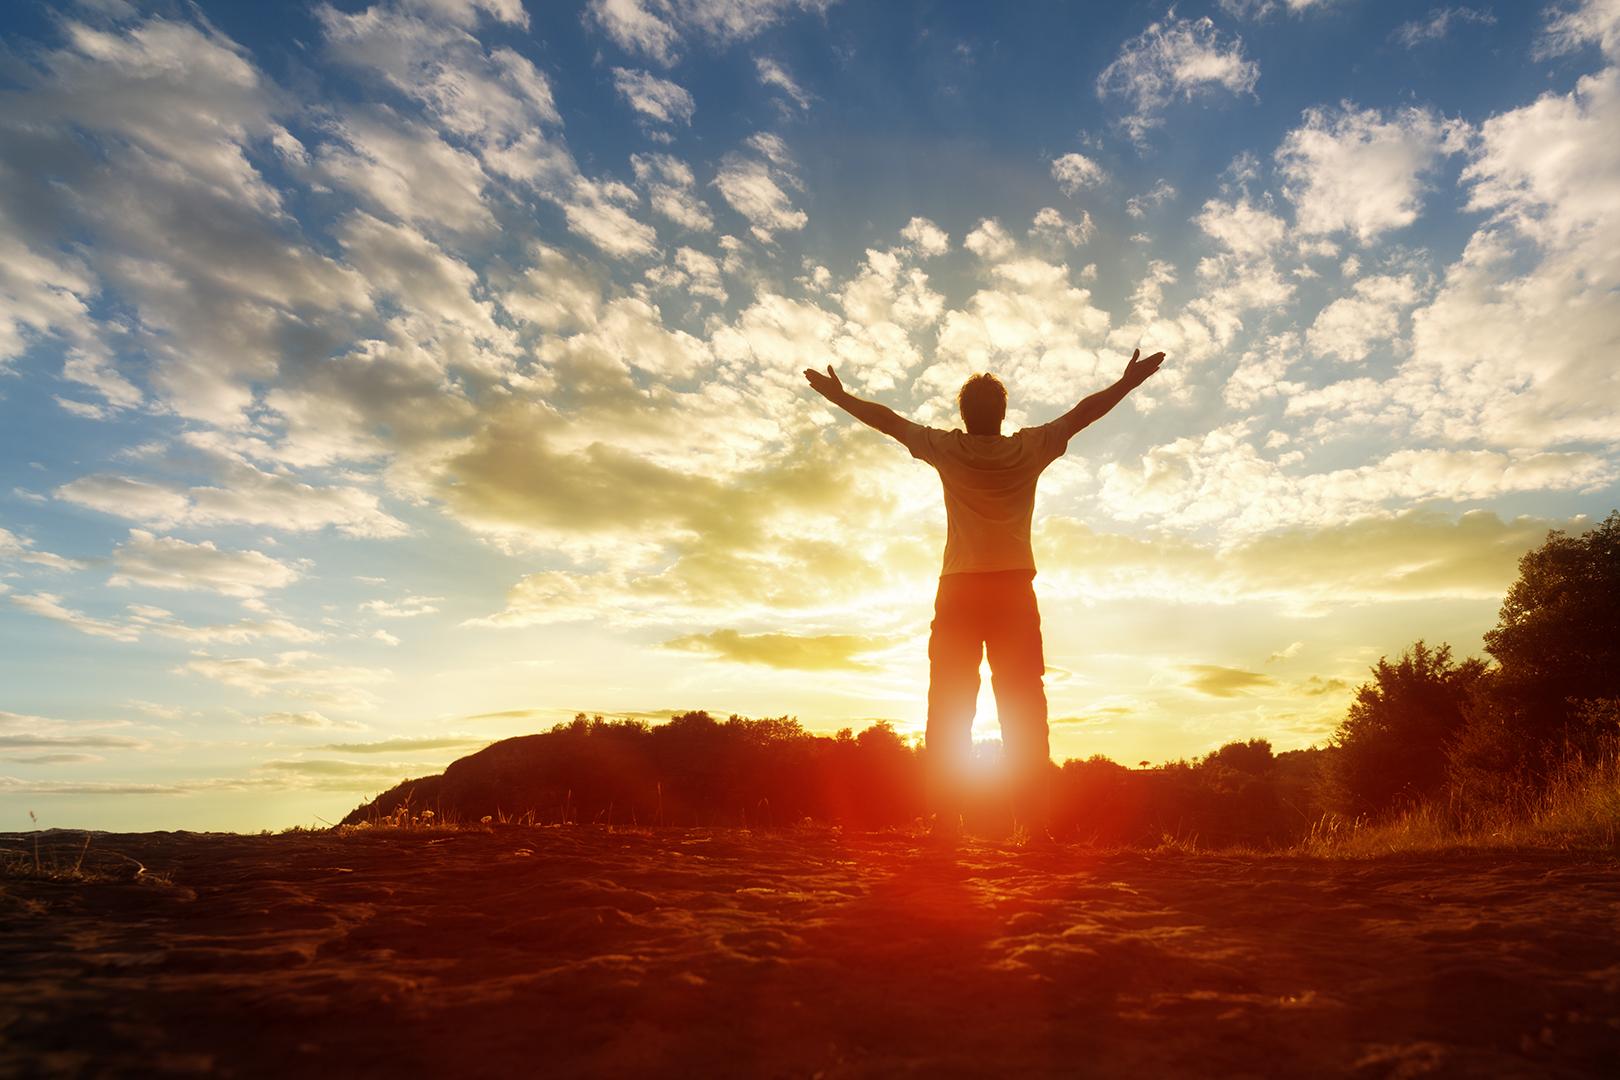 22 de agosto: prepárese para el día de la purificación espiritual2 min read